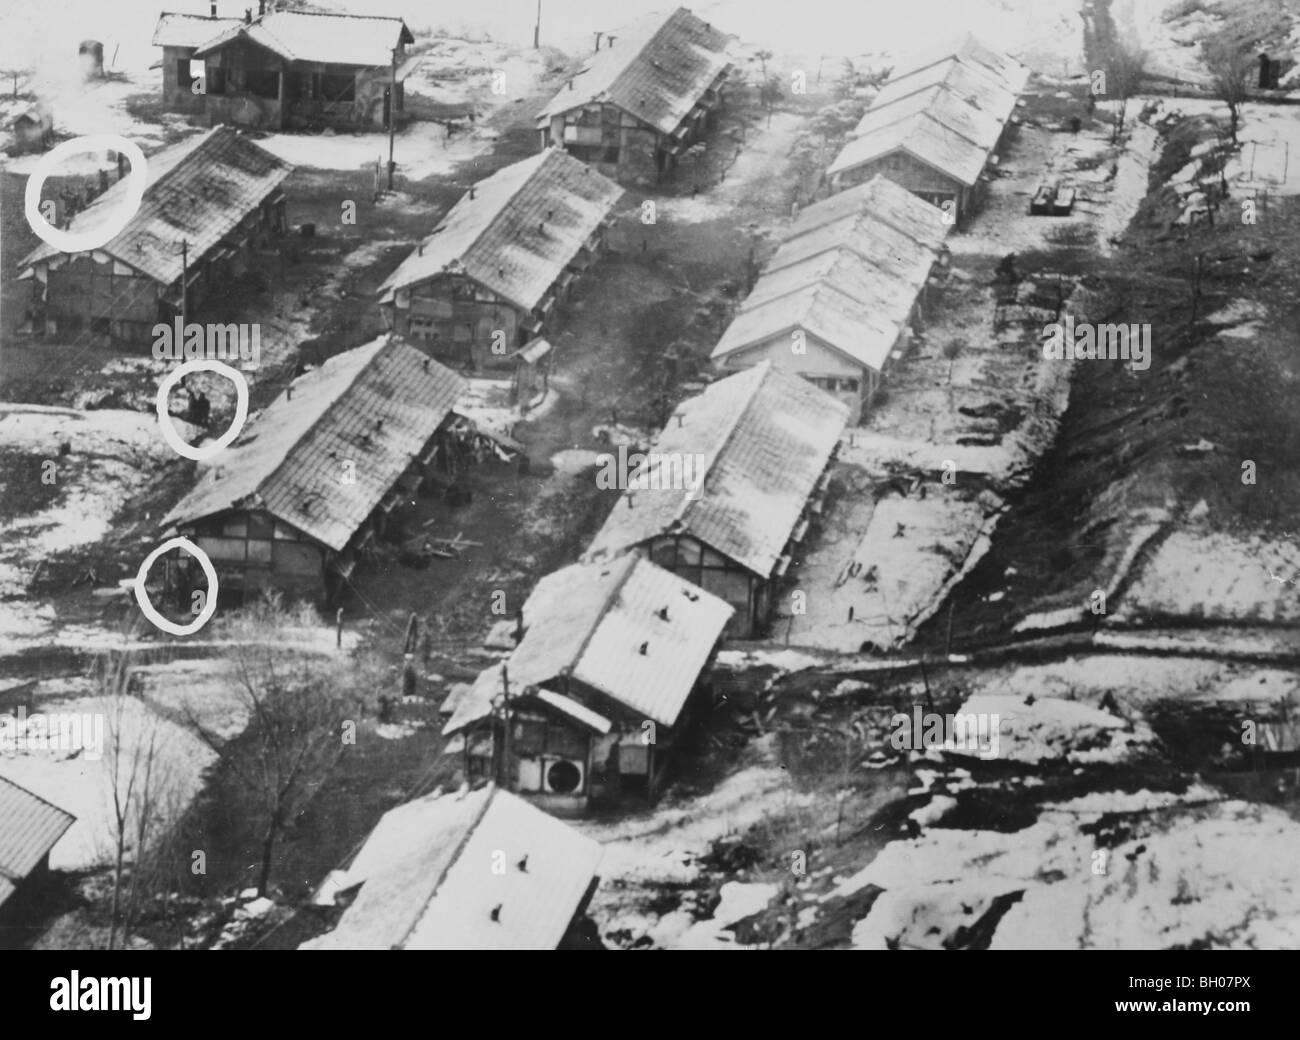 Antenne a basso battenti disarmato U.S. Air Force jet ricognitori caserma mostrano strutture tipo indagati i prigionieri Immagini Stock